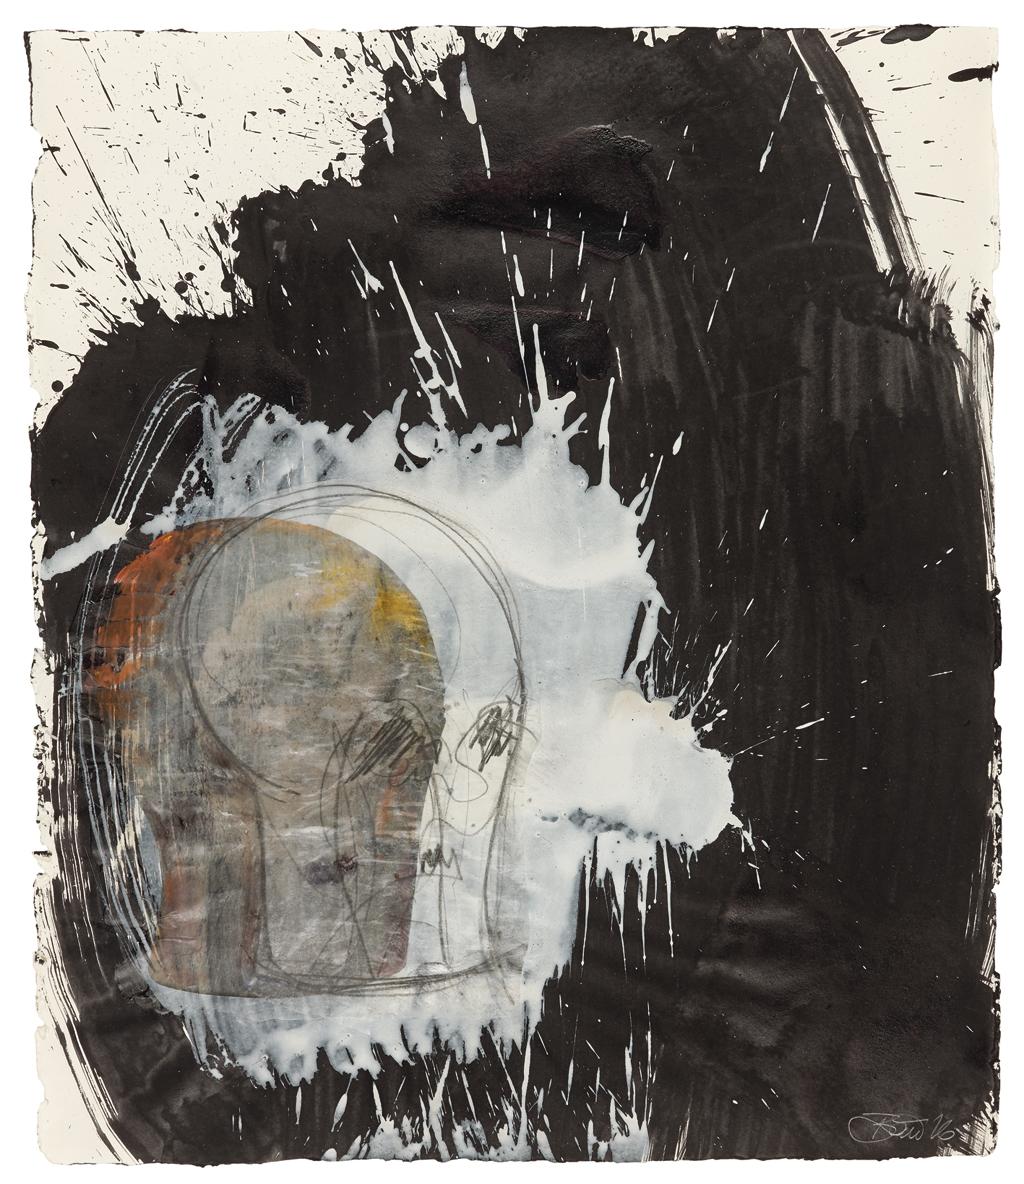 Der Gesang der Dunkelheit / Kopf II Acryl, Transferdruck und Enkaustik auf Papier, 58 x 48 cm